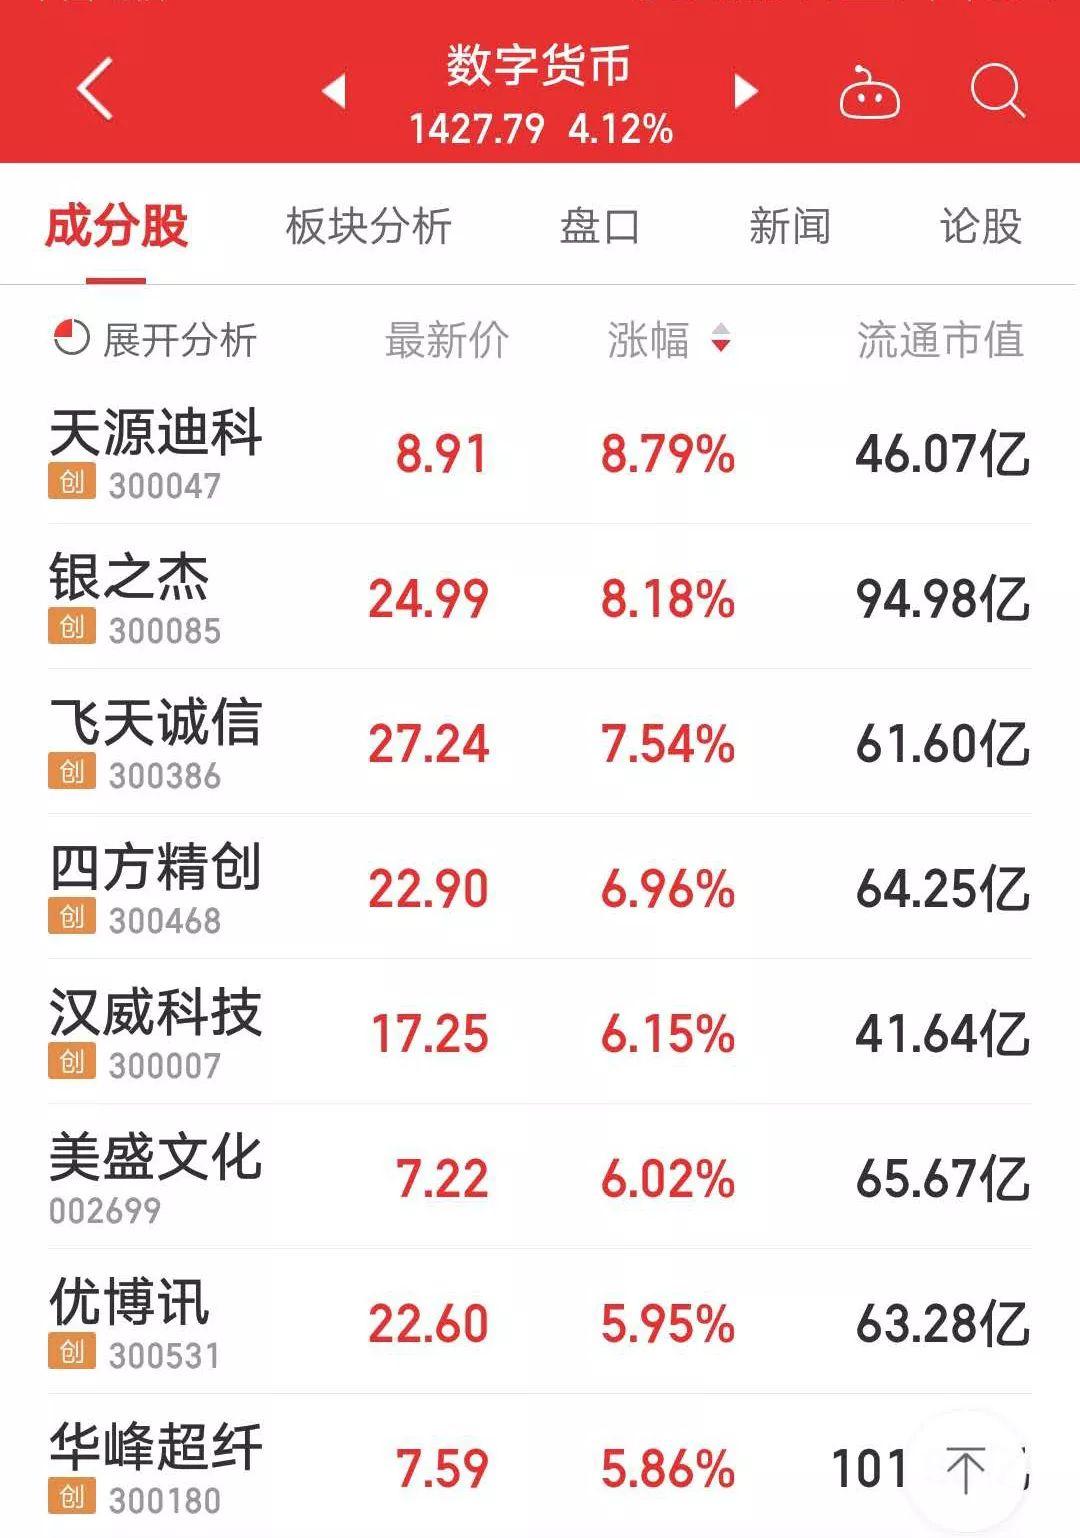 深圳要发1000万大红包 每人200元!如何申领看这里,模拟外汇平台